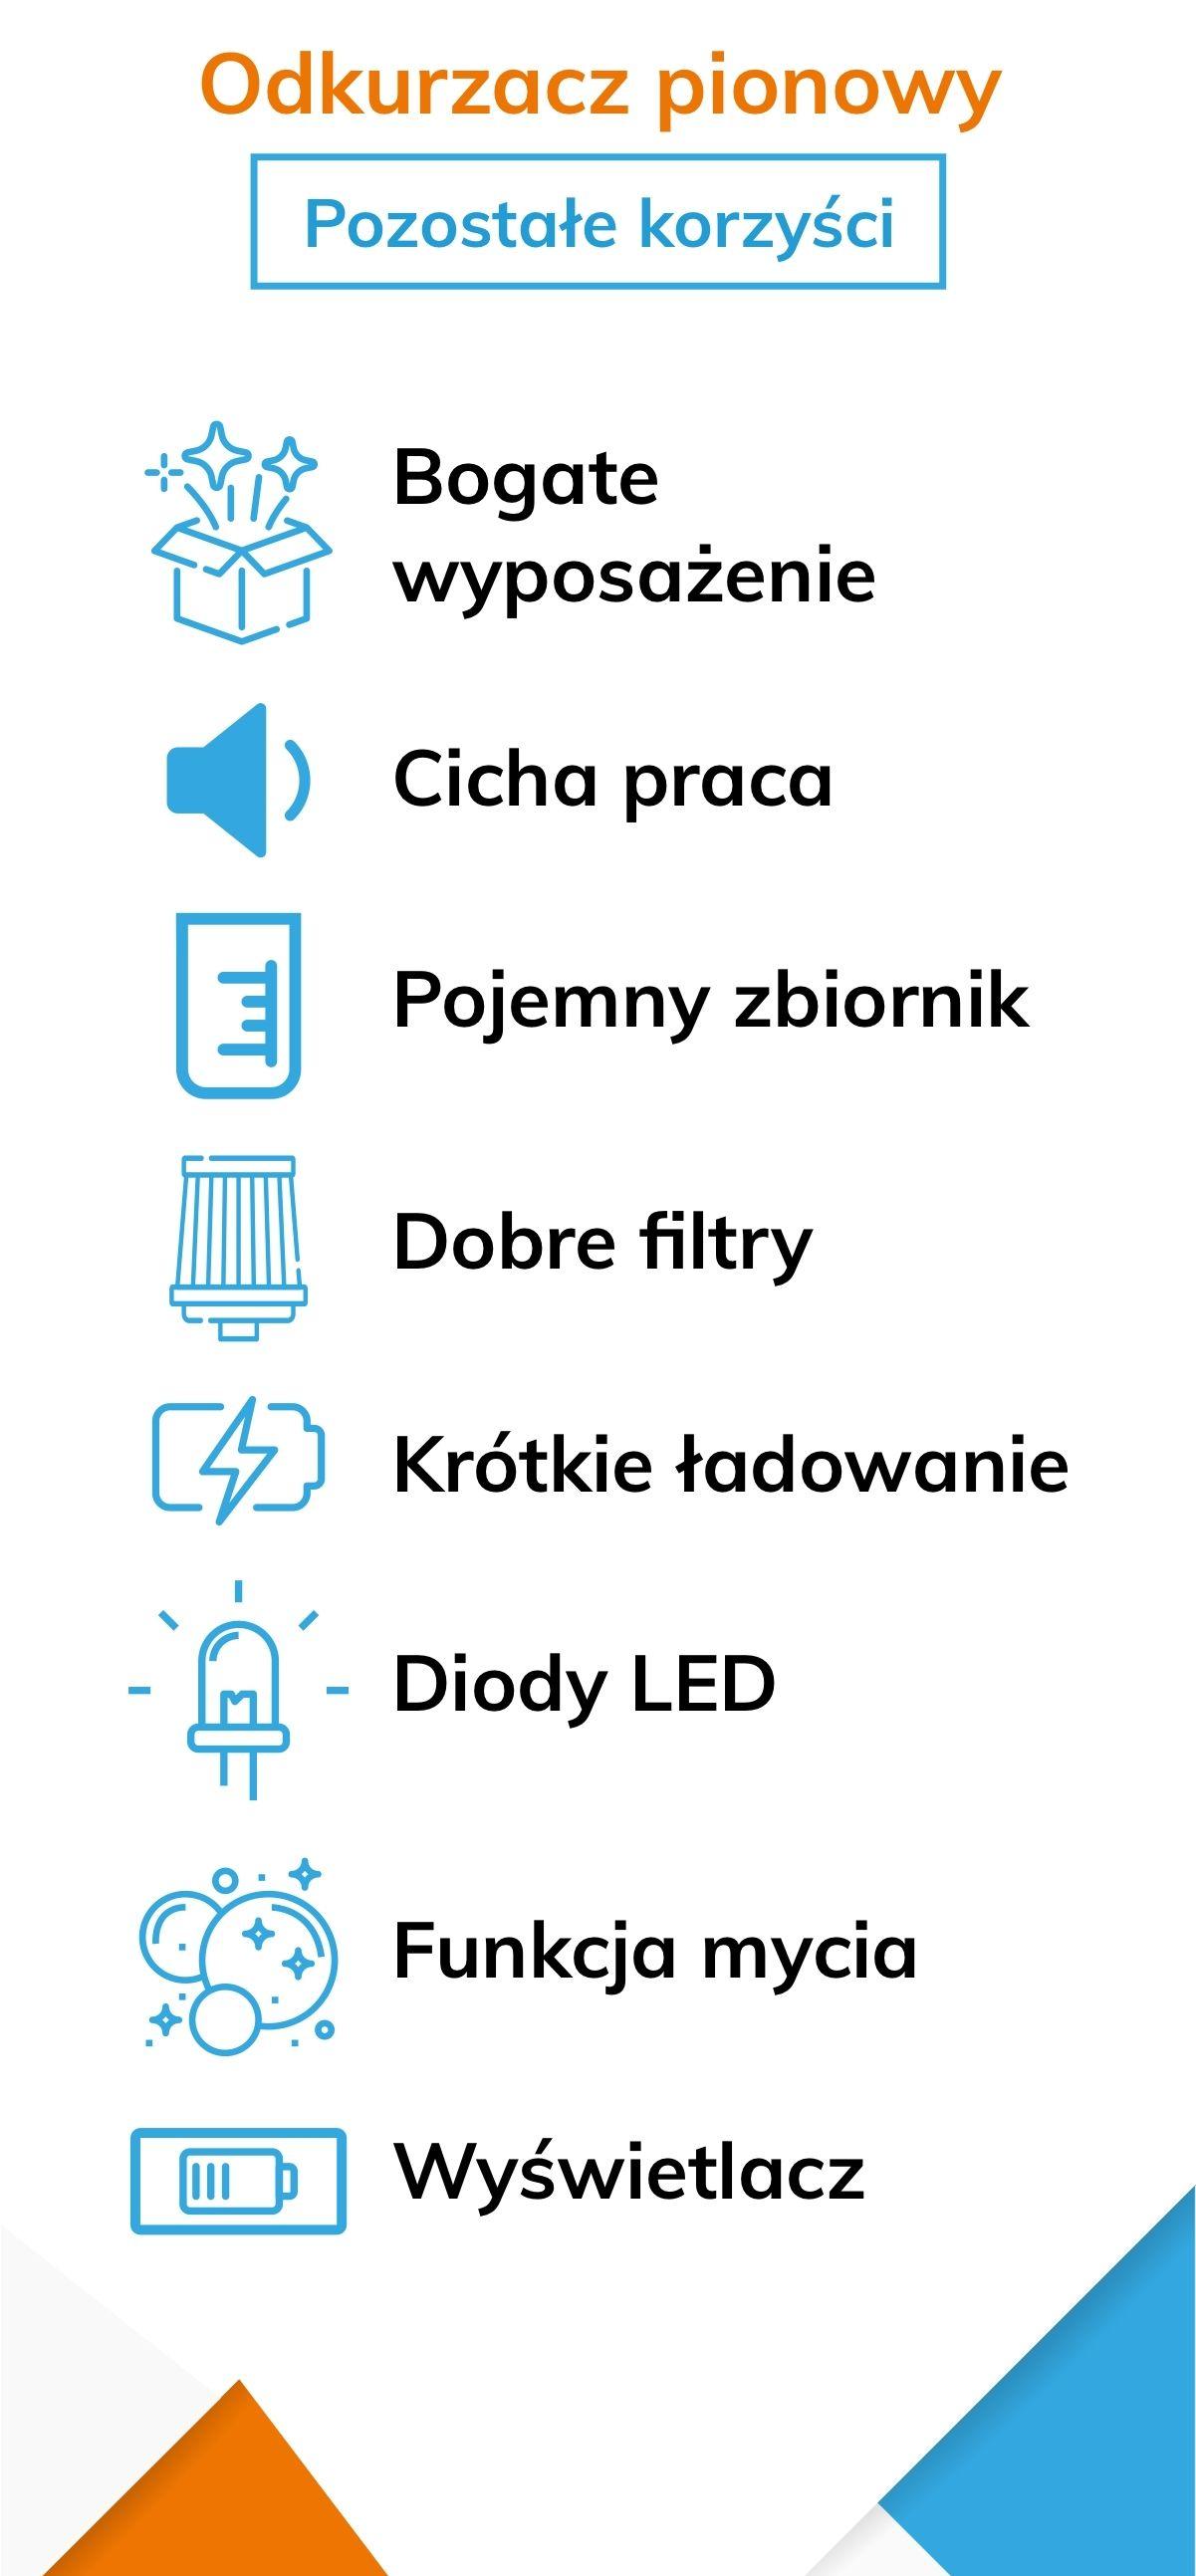 Odkurzacz pionowy - ważne korzyści i funkcje - Infografika